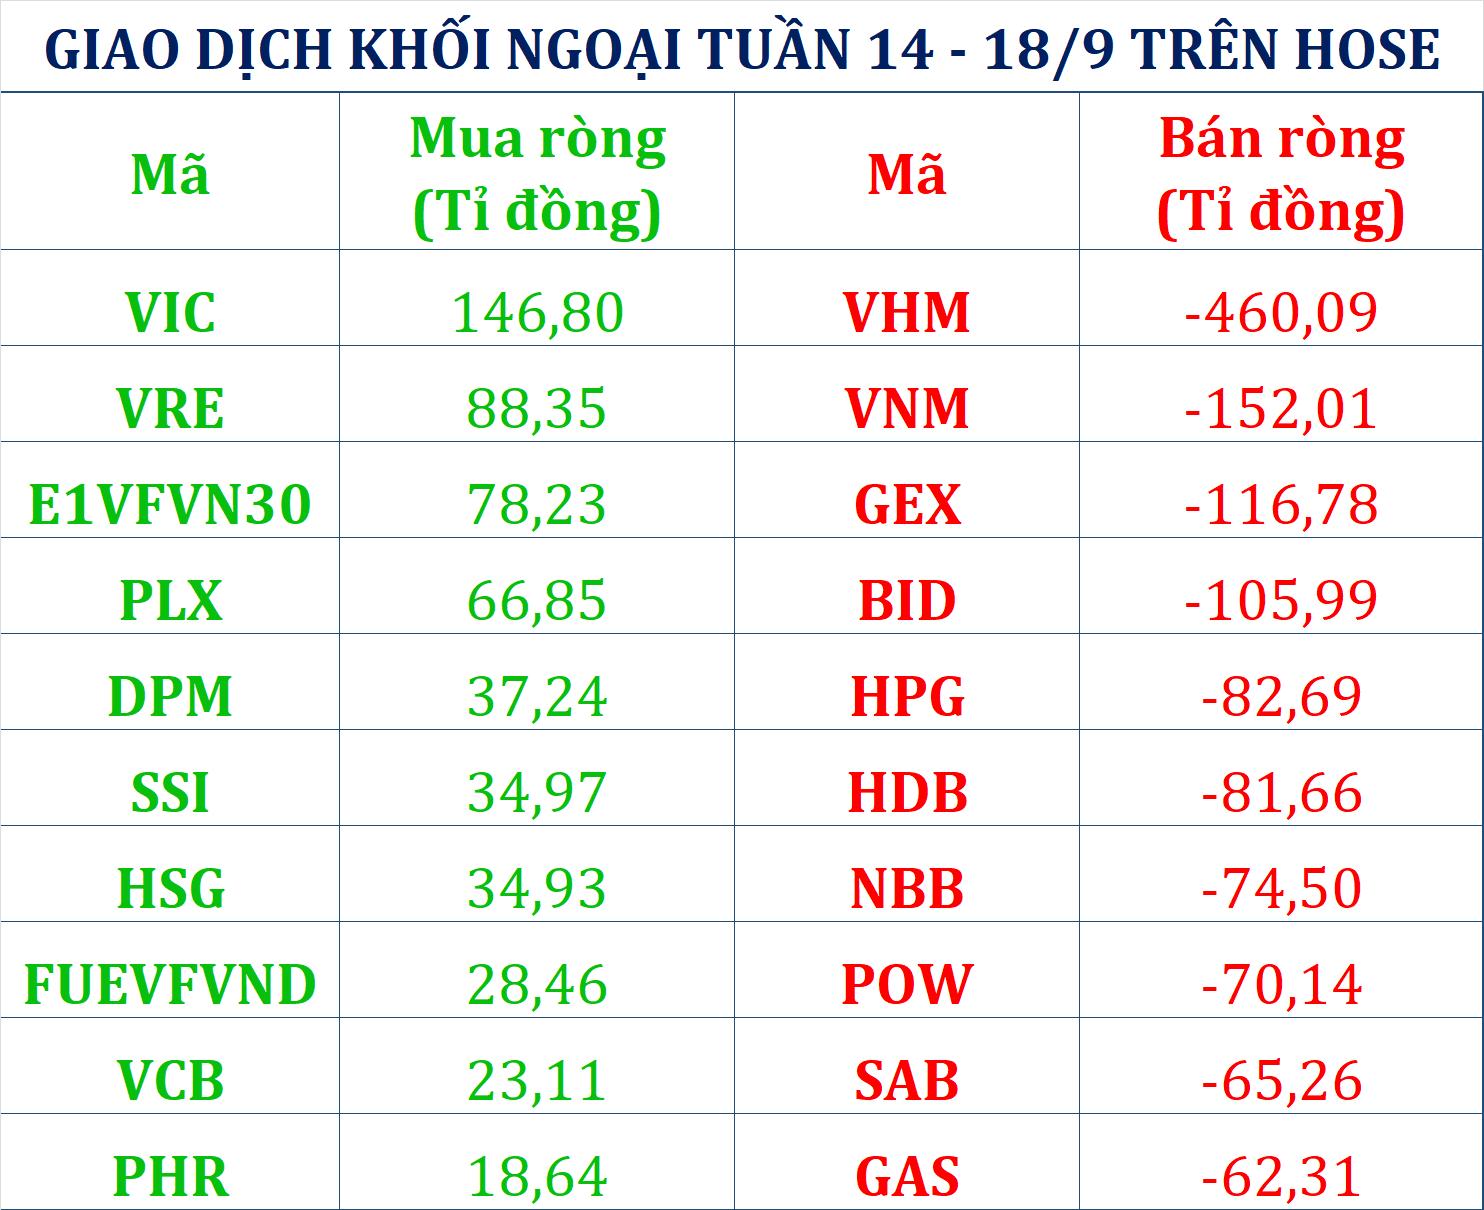 Tuần 14 – 18/9: Khối ngoại đảo chiều xả hơn 1.350 tỉ đồng cổ phiếu khi VN-Index vượt 900 điểm, tâm điểm vẫn là VHM - Ảnh 1.